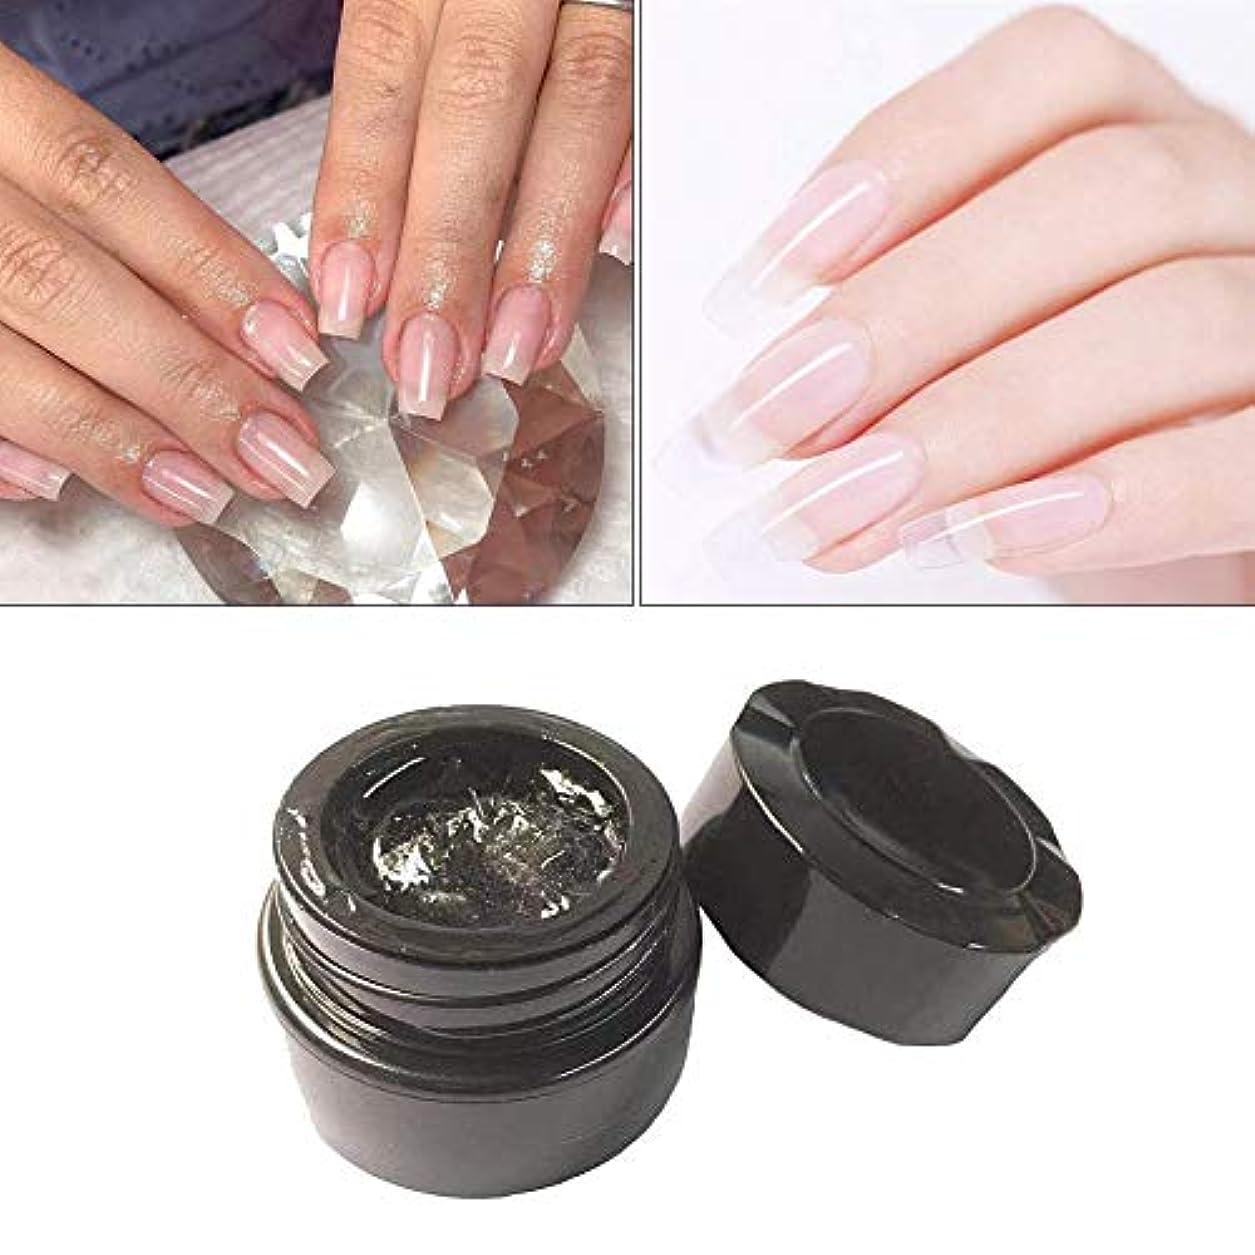 泥棒対処する変換するAnkishi® 釘の延長繊維1-2CMのガラス繊維のゲルの釘の芸術の速い光線療法の延長ゲル